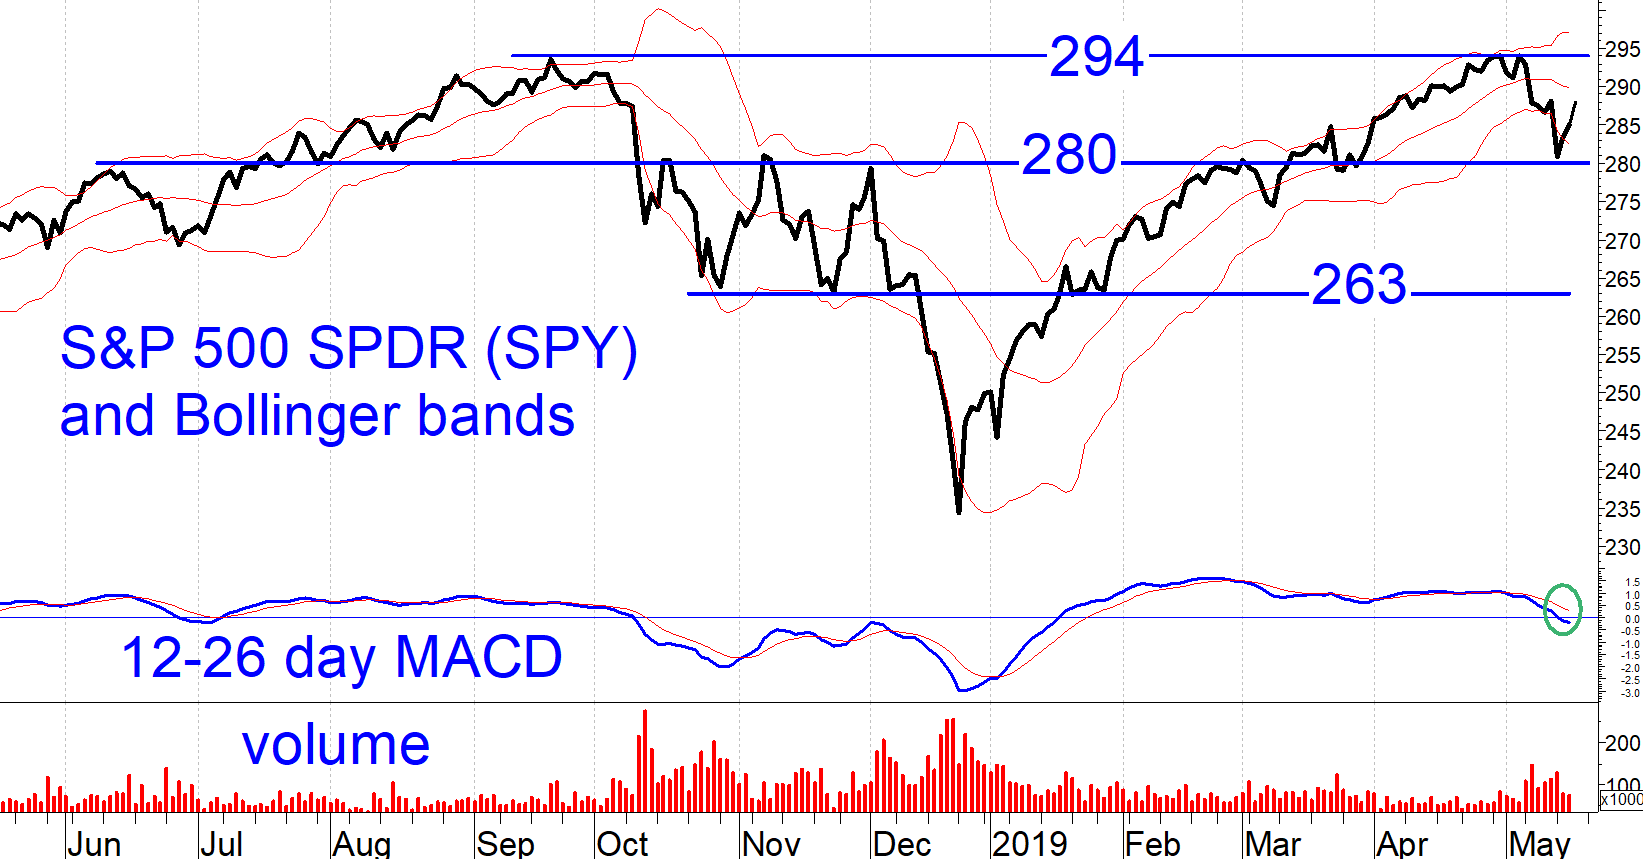 S&P SPDR